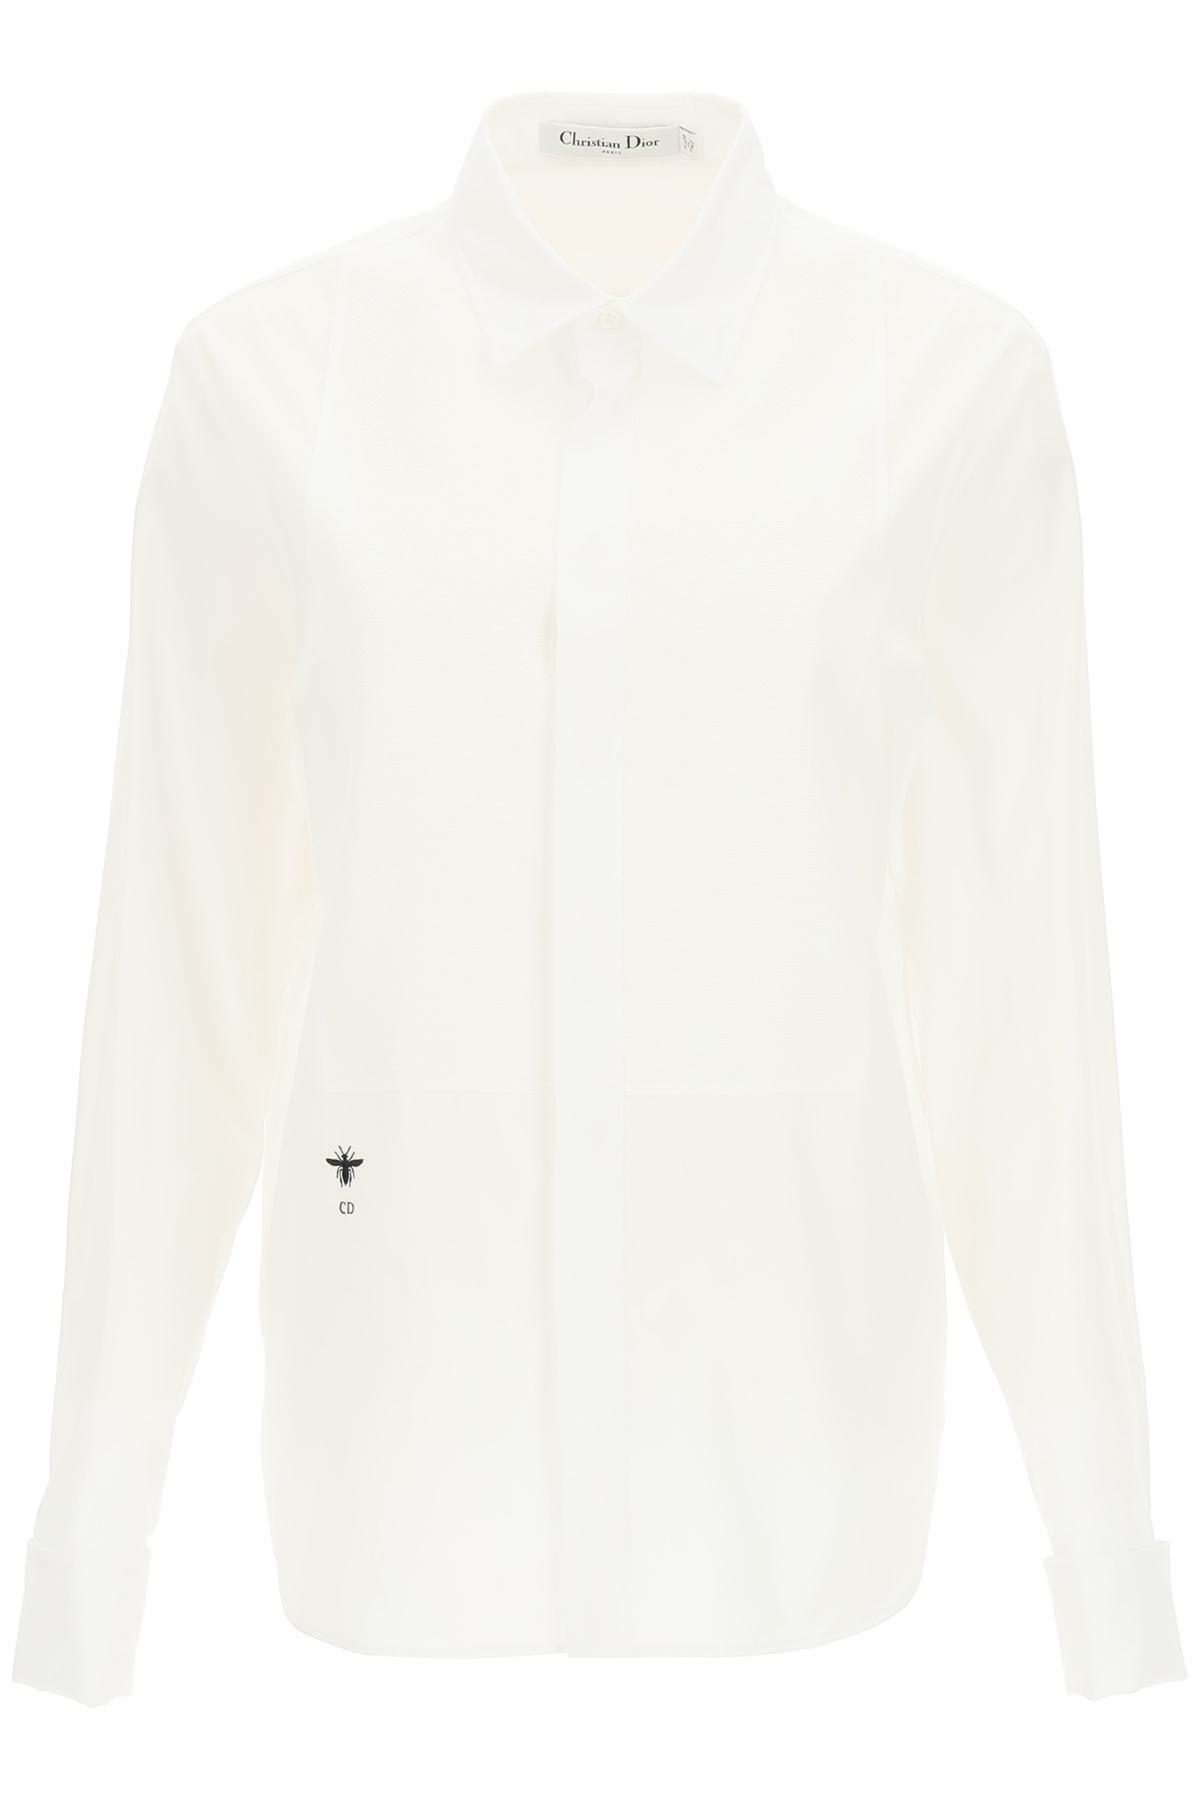 Dior camicia con plastron